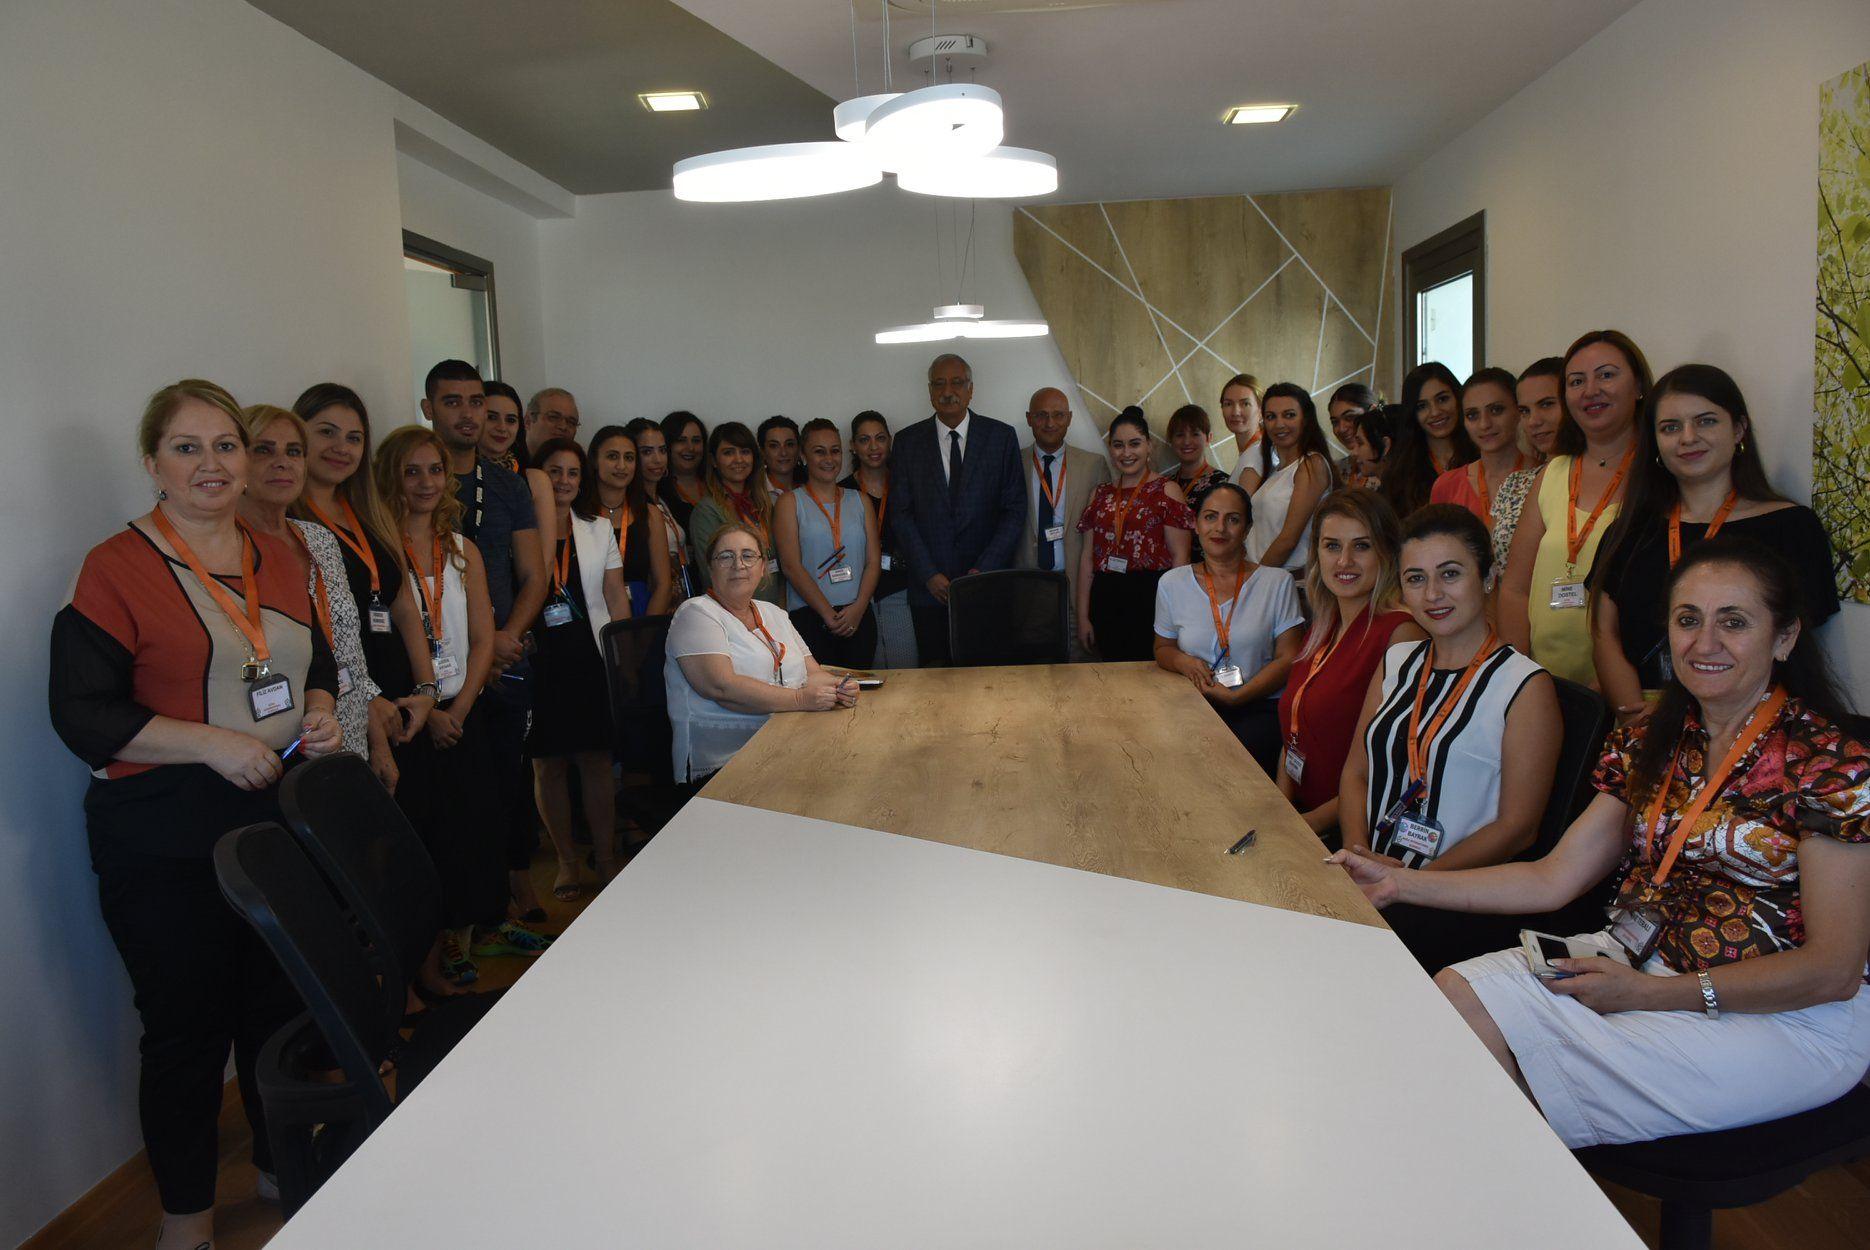 Гюнгёрдю посетил одну из частных школ Кирении